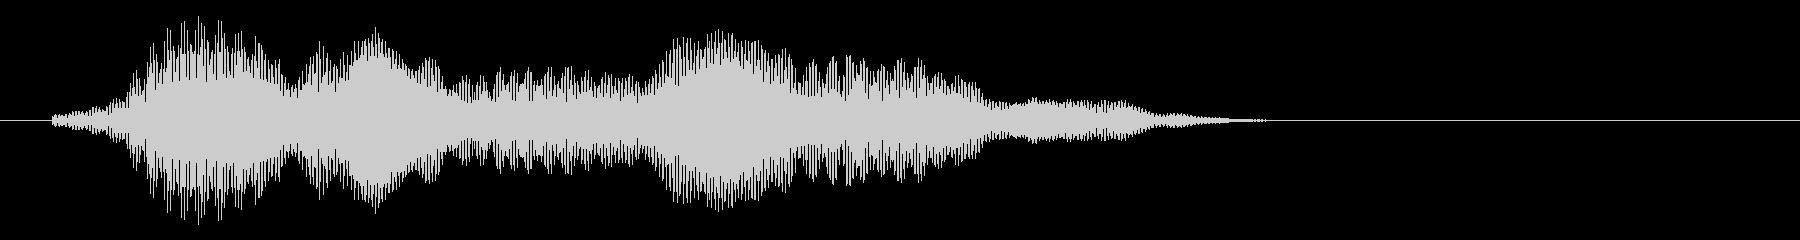 笛 10の未再生の波形